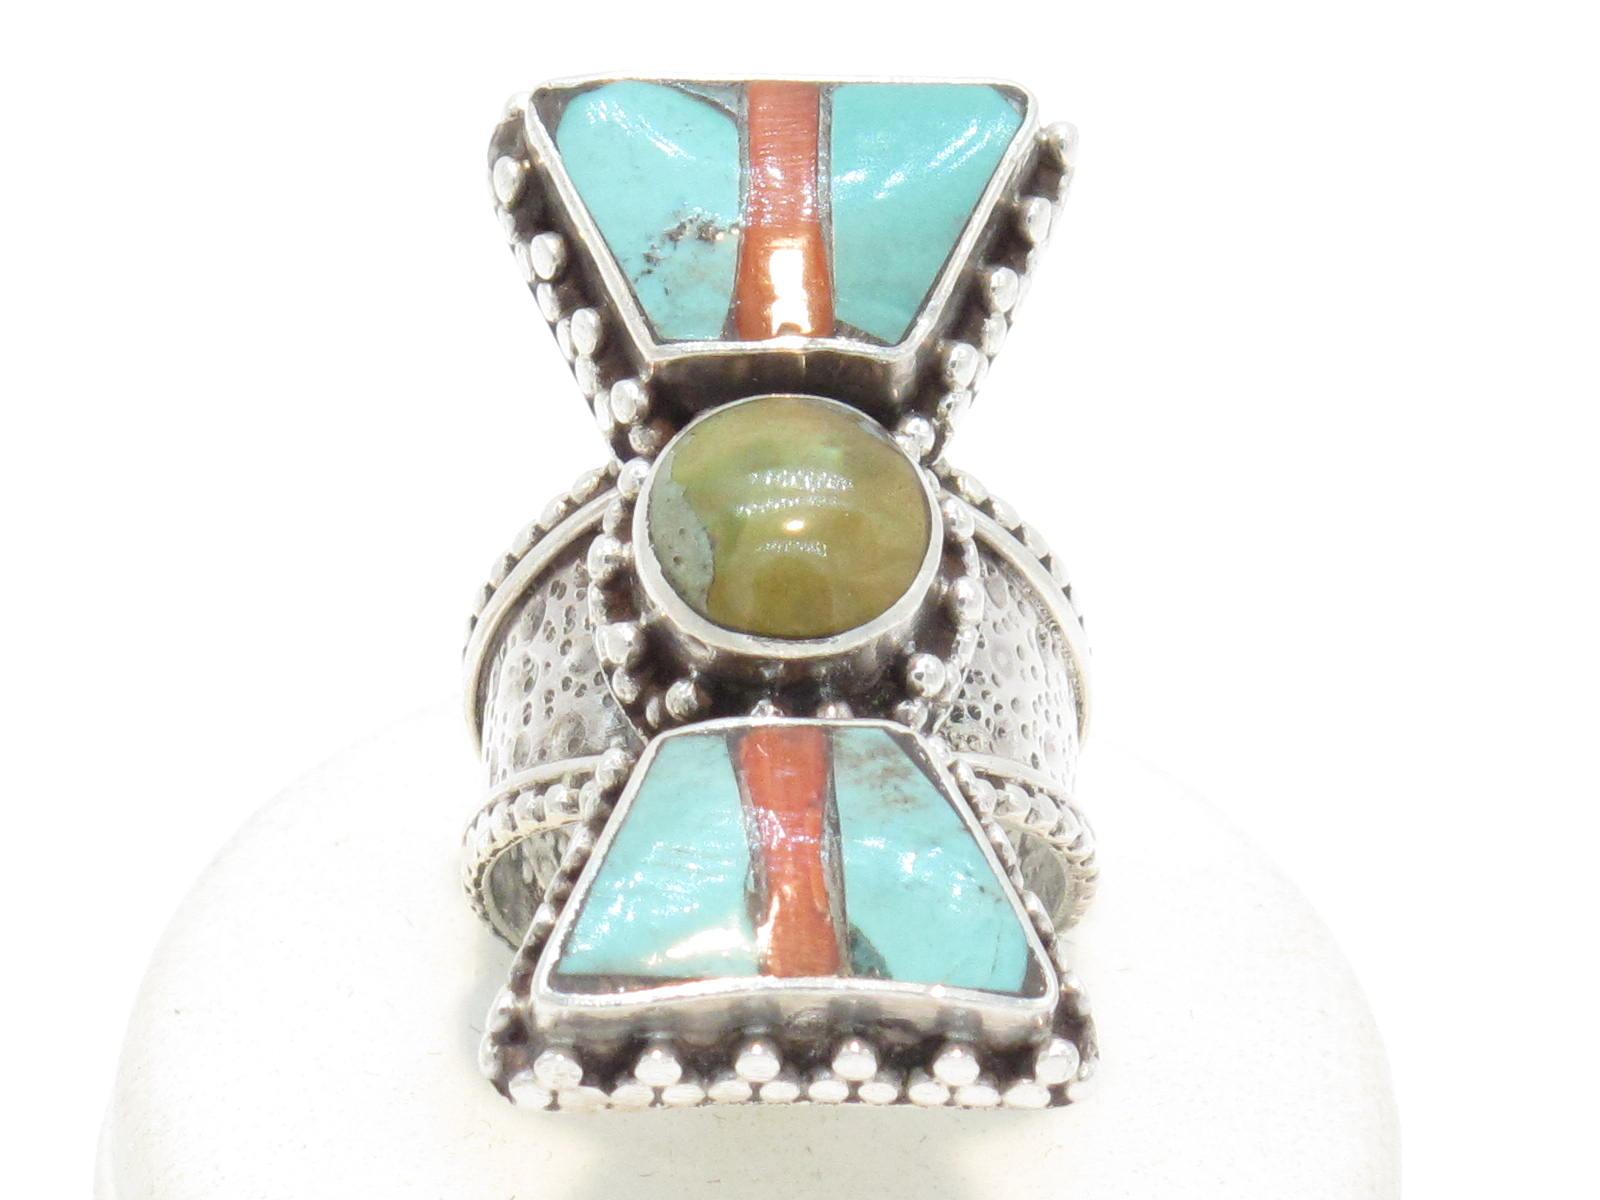 anello tibetano in argento turchese e corallo